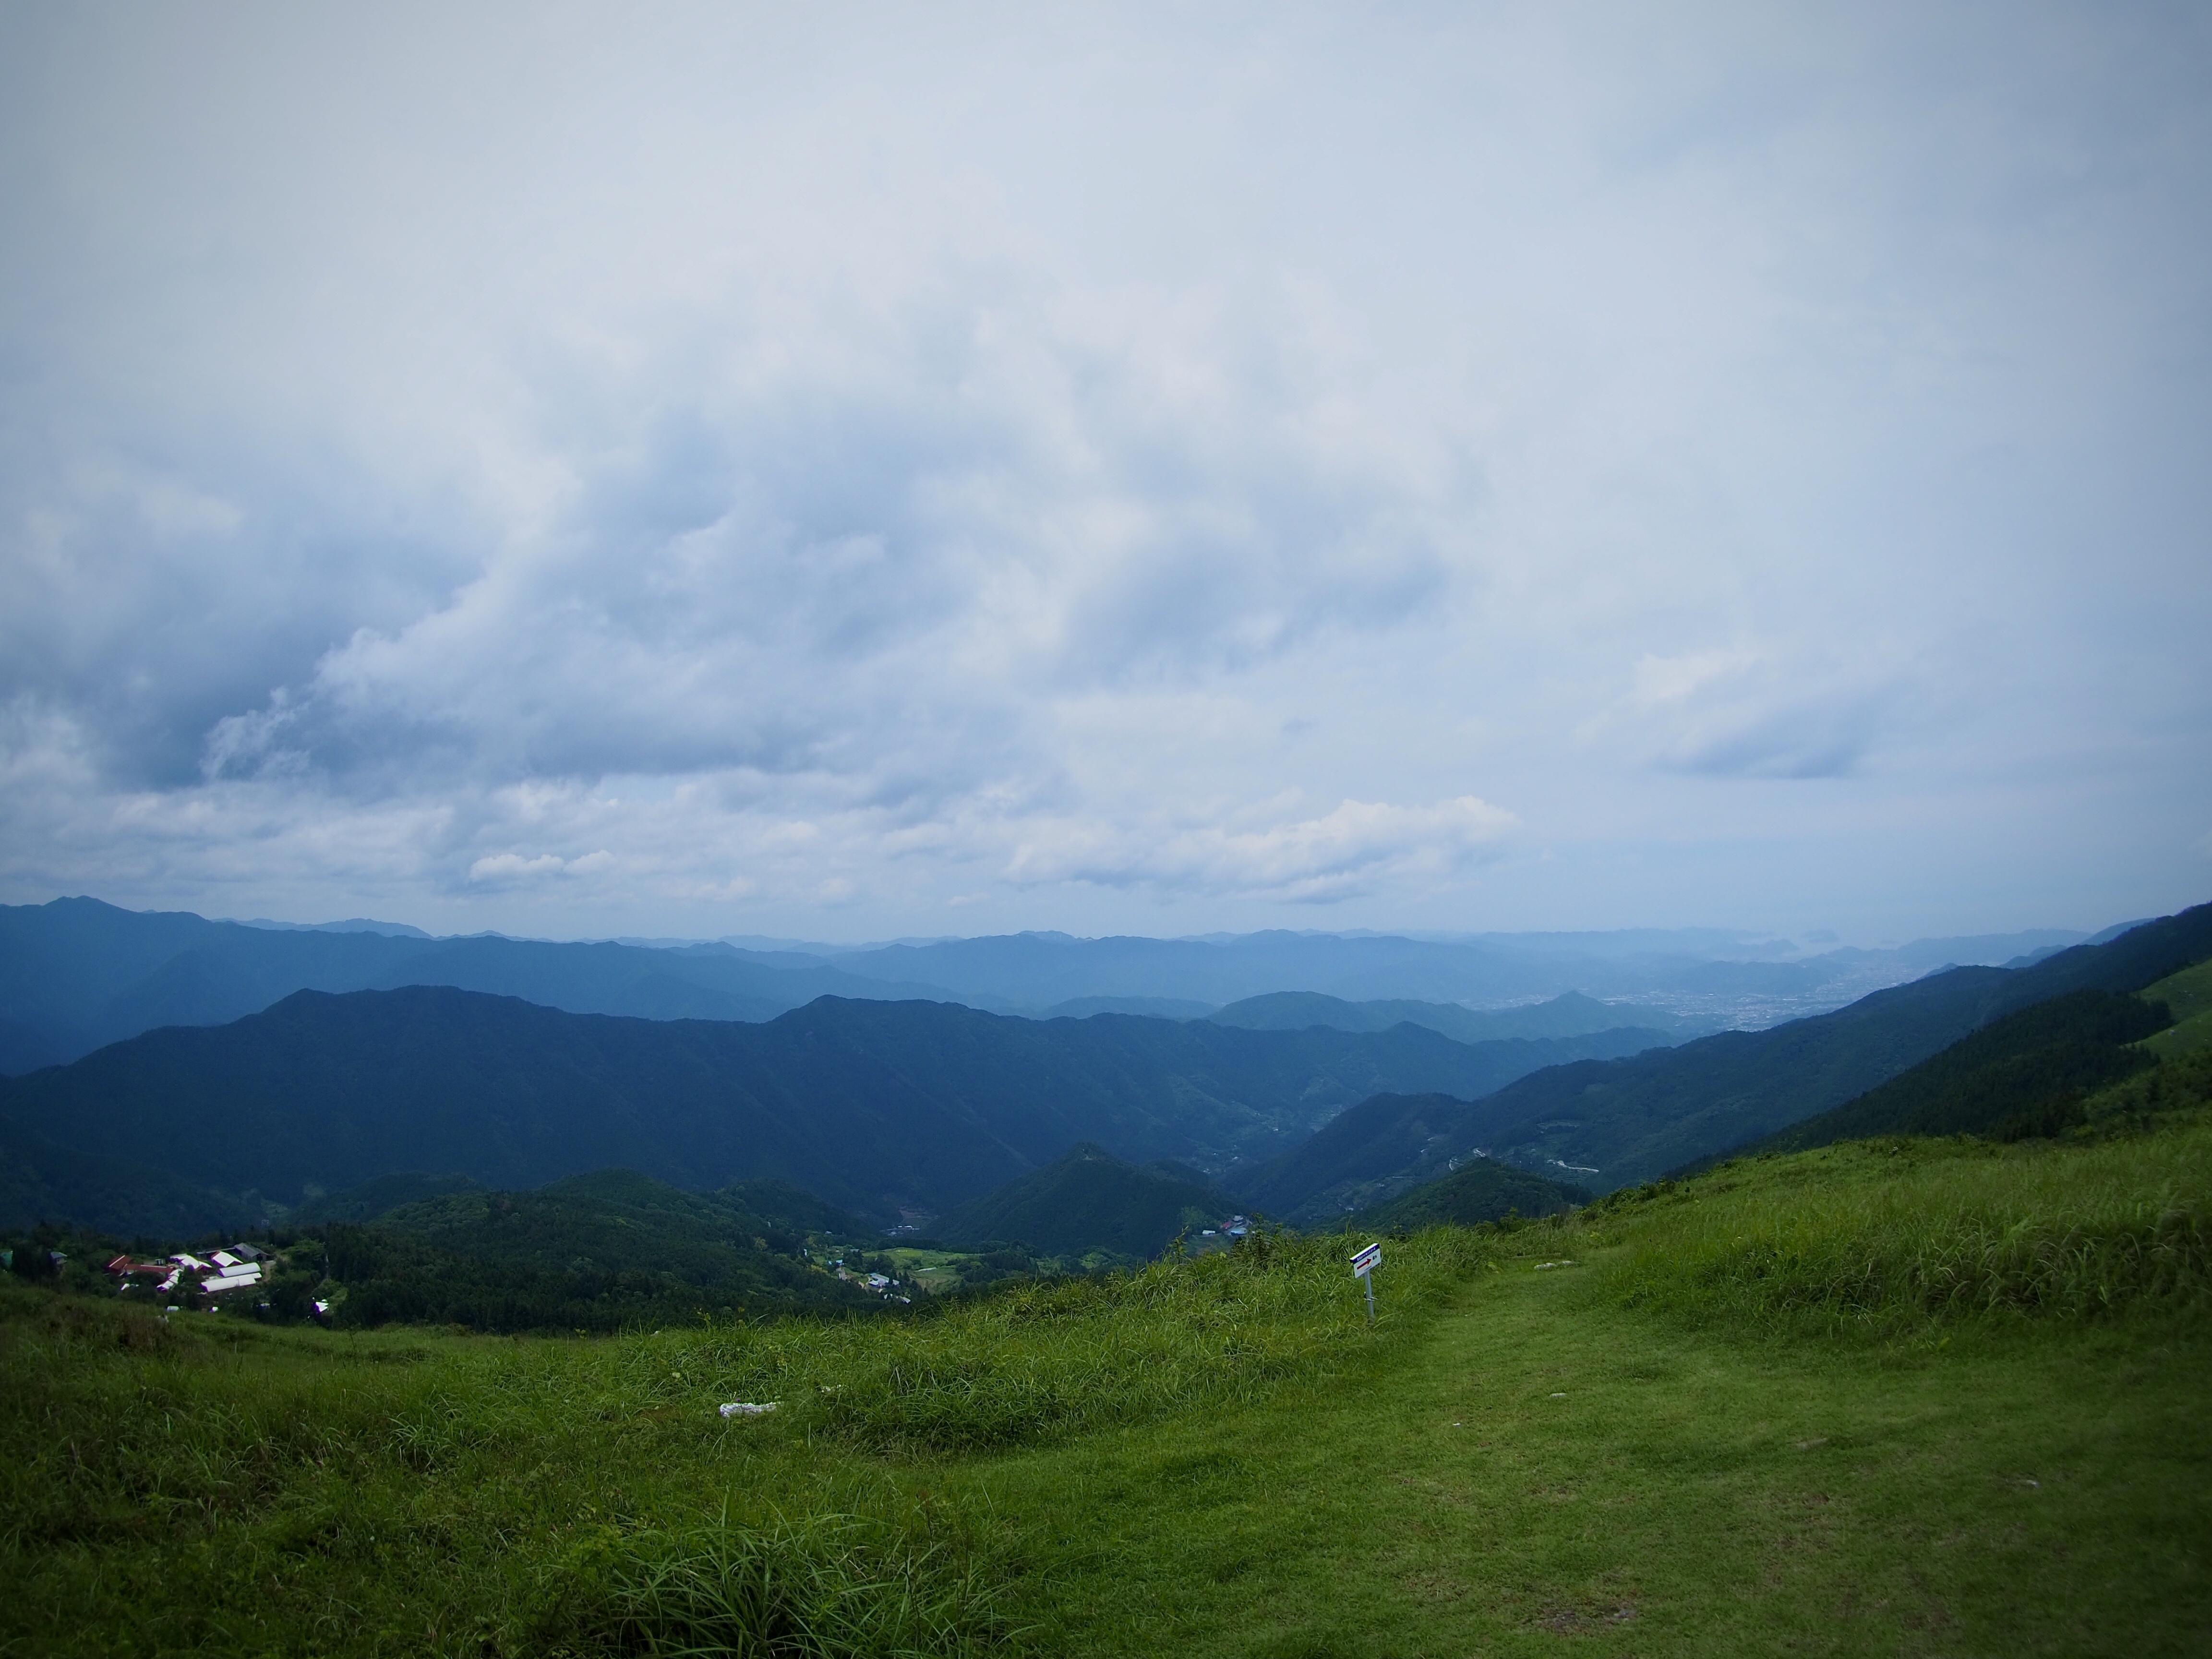 ぴーきち&ダイナ ハーレーブログ 和歌山有田ツーリング 生石高原の頂上 景色